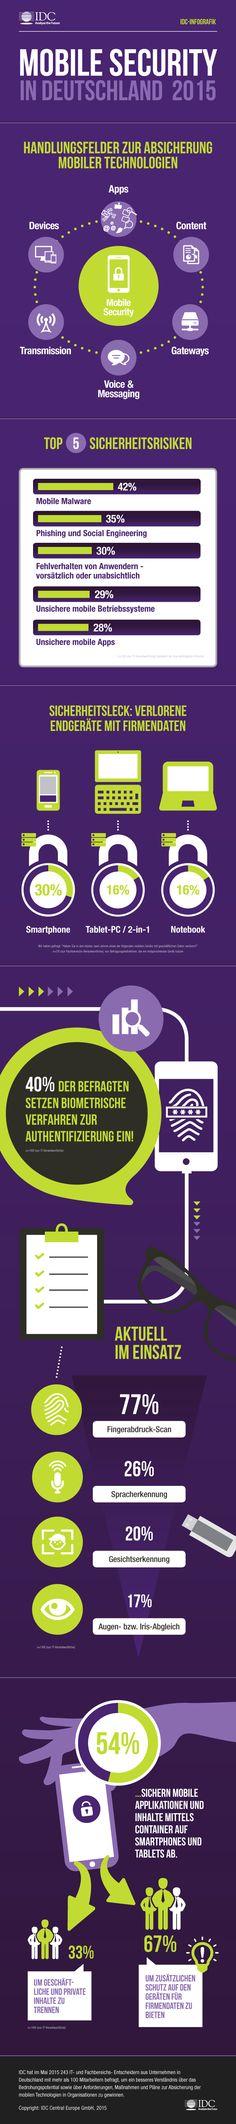 Mobile Security in Deutschland 2015